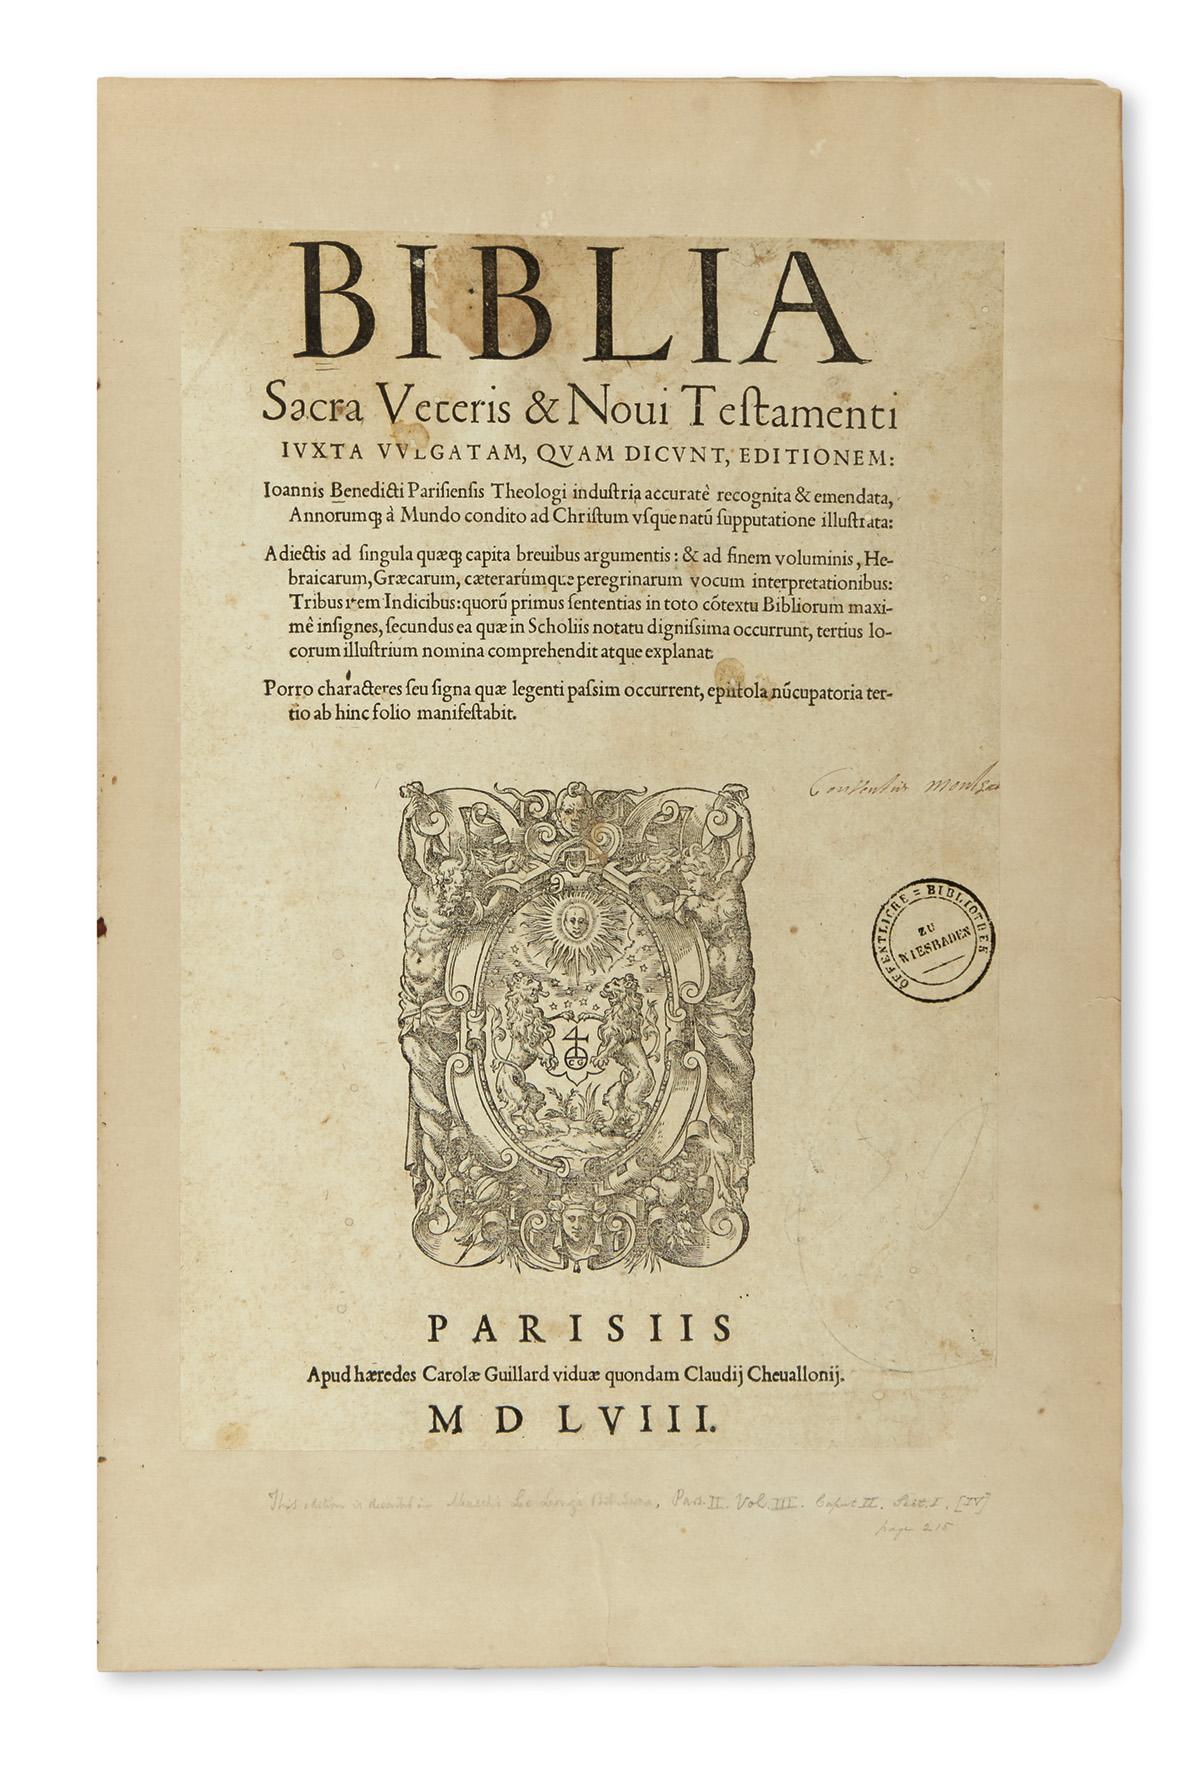 BIBLE-IN-LATIN--Biblia-sacra-veteris--novi-testamenti-iuxta-